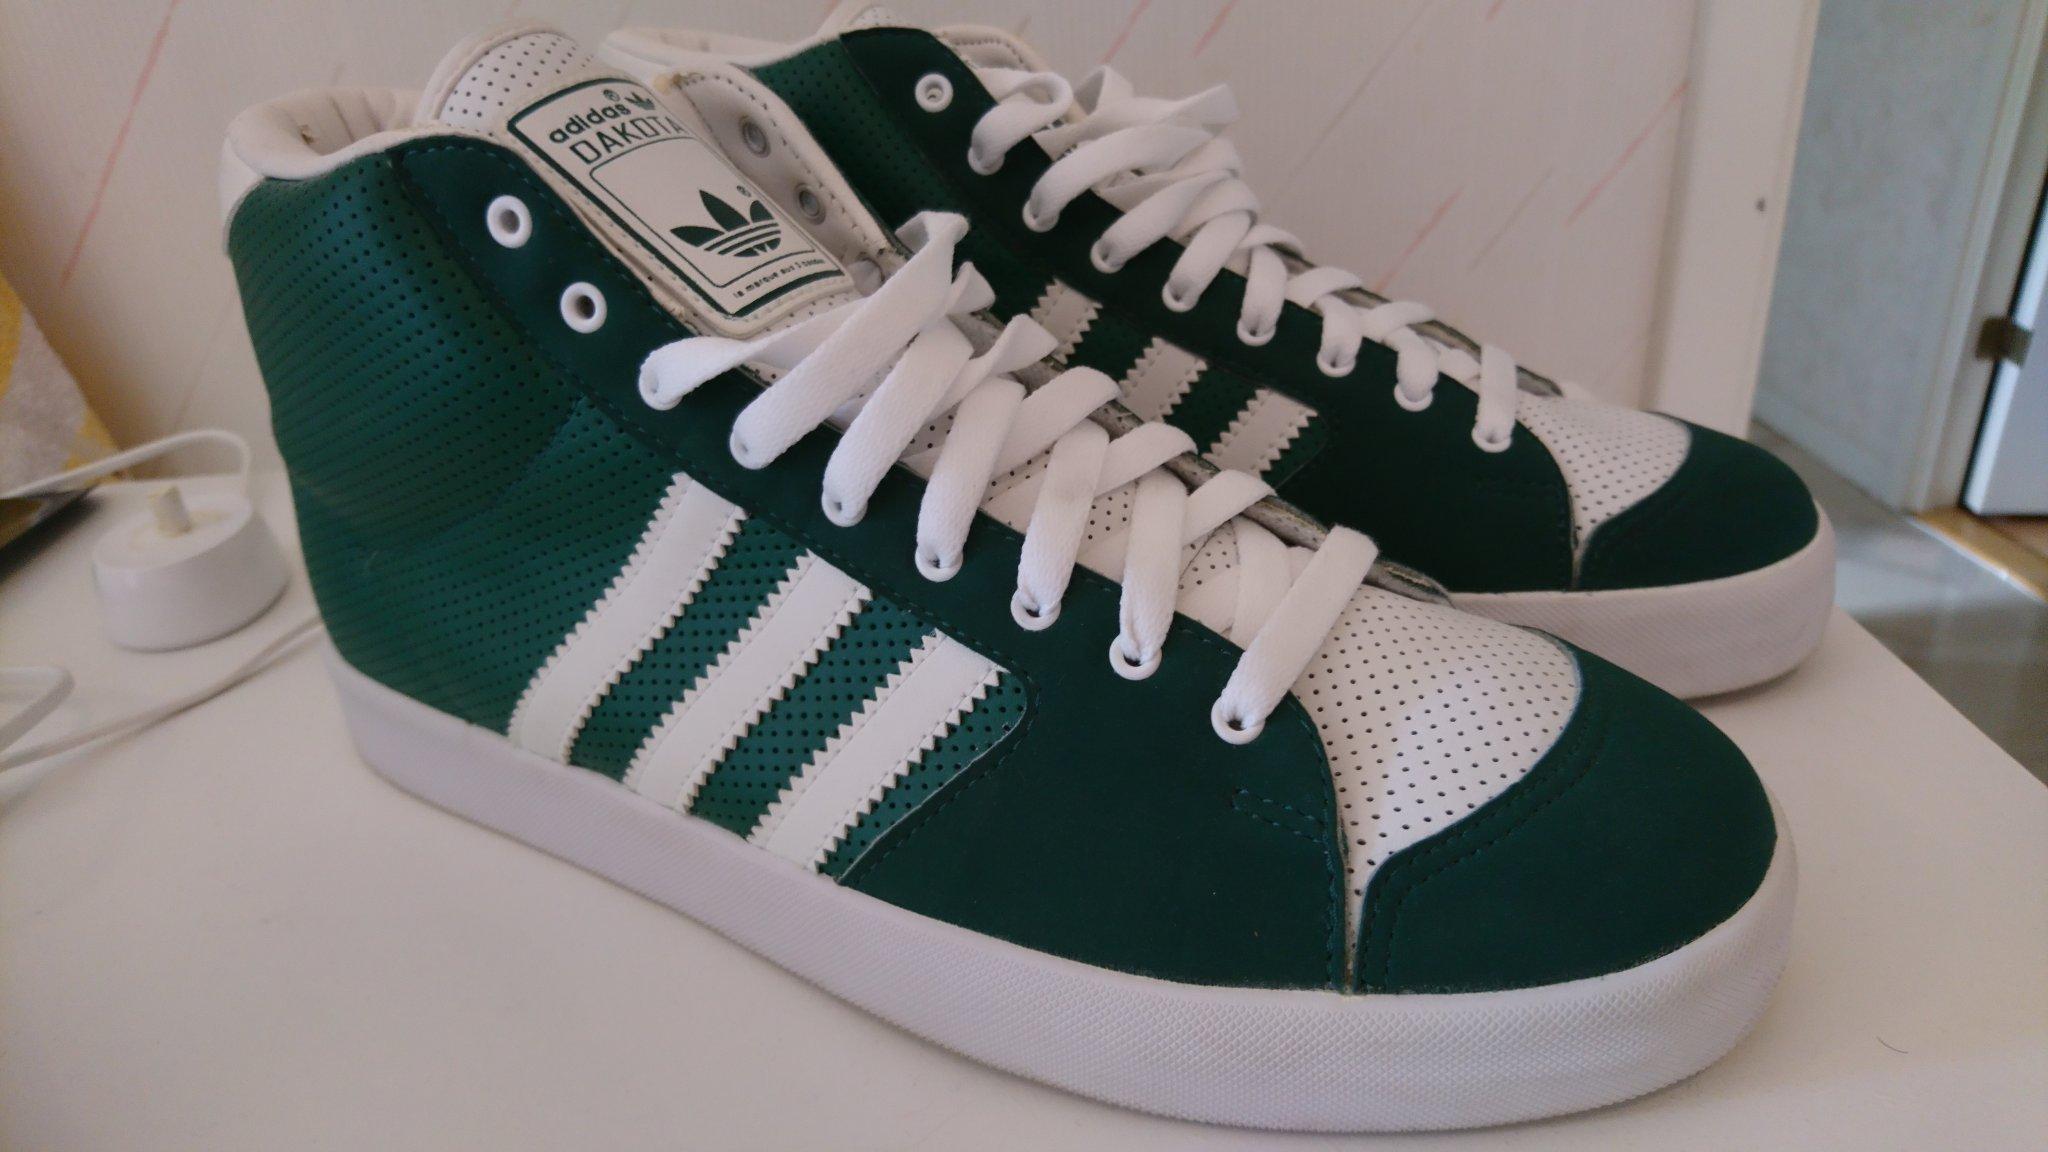 3ae52873178 Snygga Adidas sneakers (354306225) ᐈ Köp på Tradera